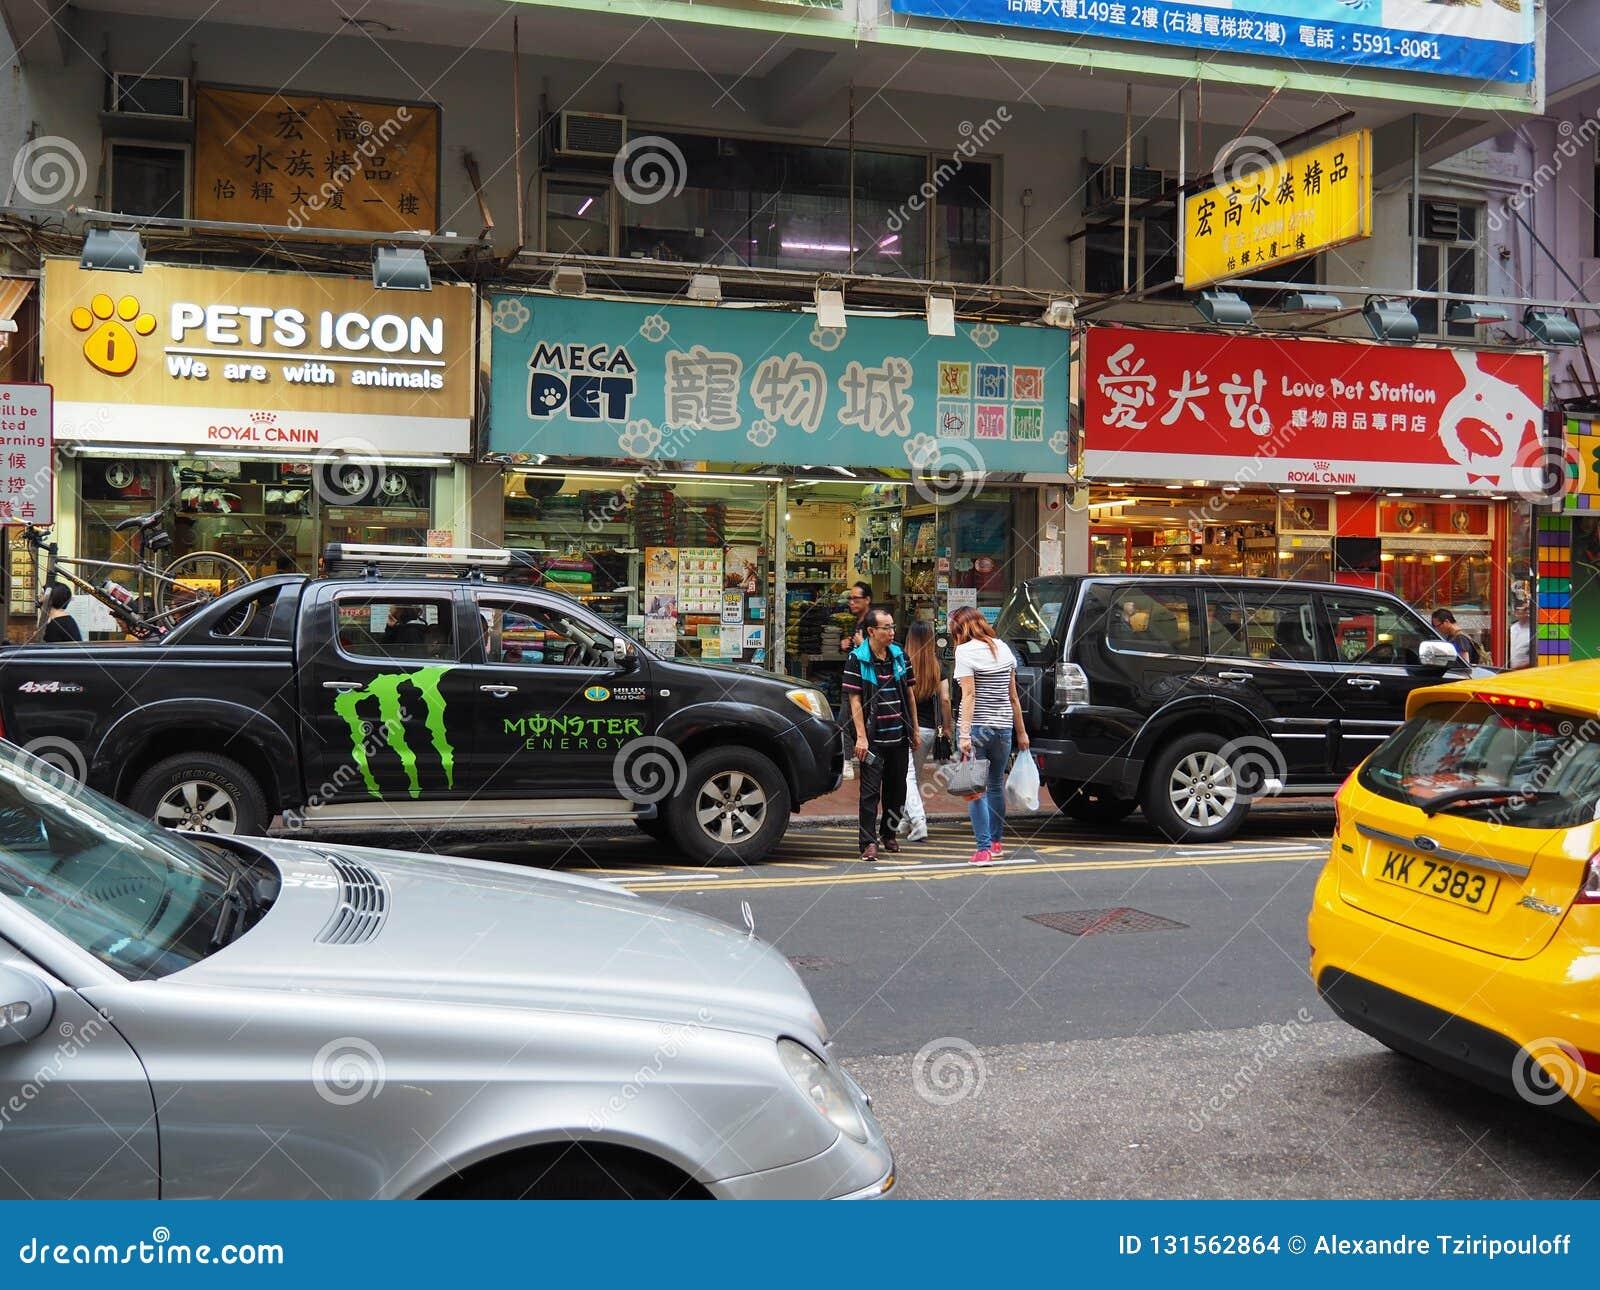 Μια εικόνα των διάφορων καταστημάτων κατοικίδιων ζώων Tung Choi στην οδό στο Χονγκ Κονγκ